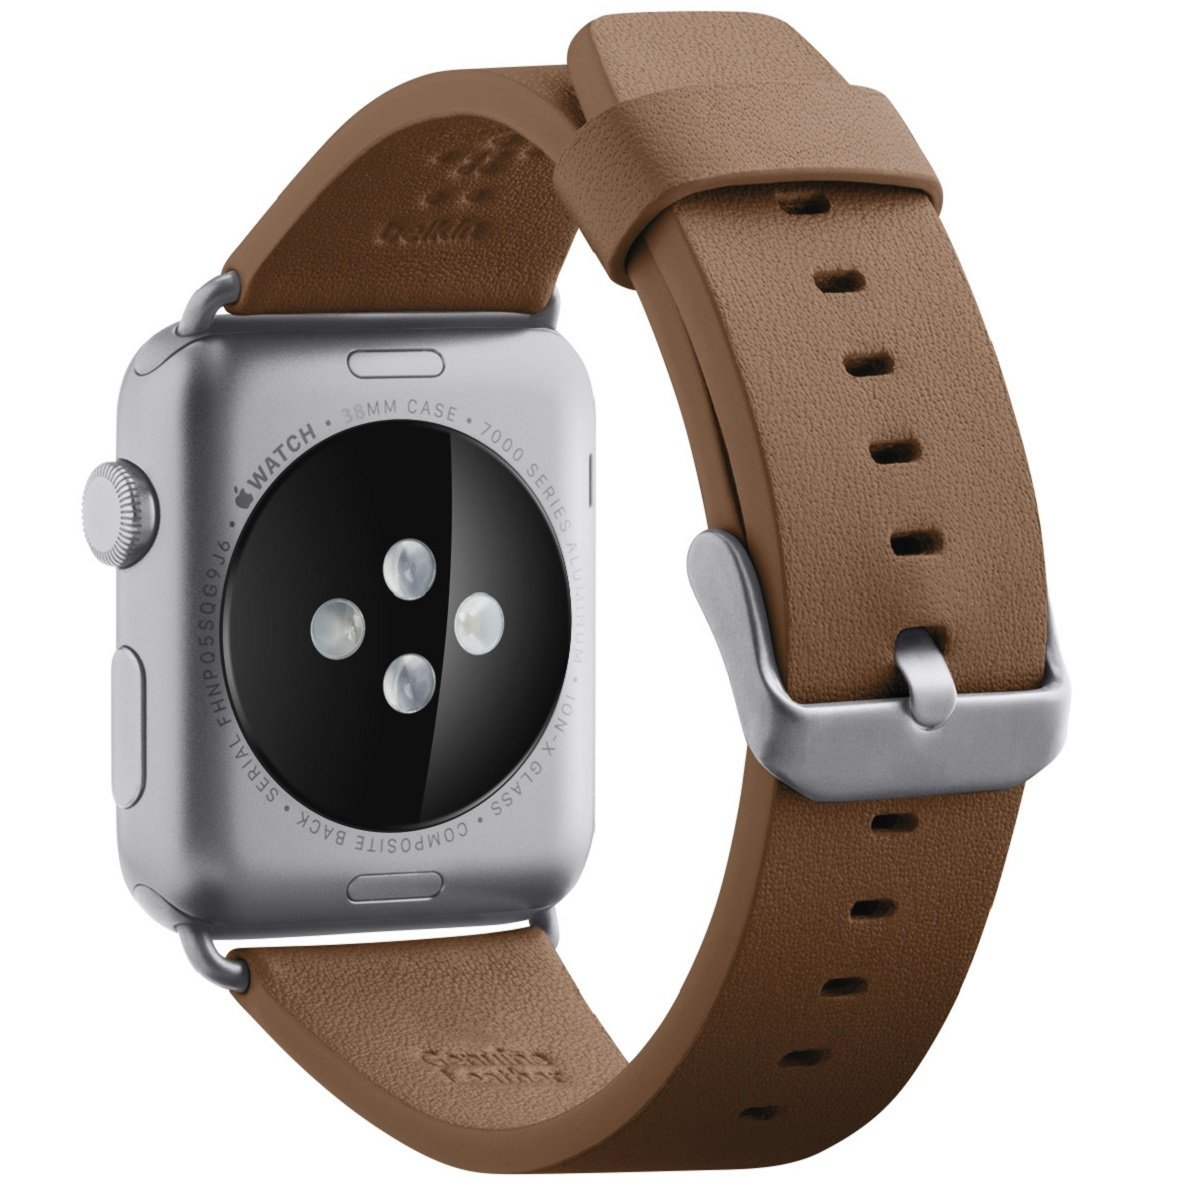 Belkin F8W730BTC00 correa apple smartwatch marron